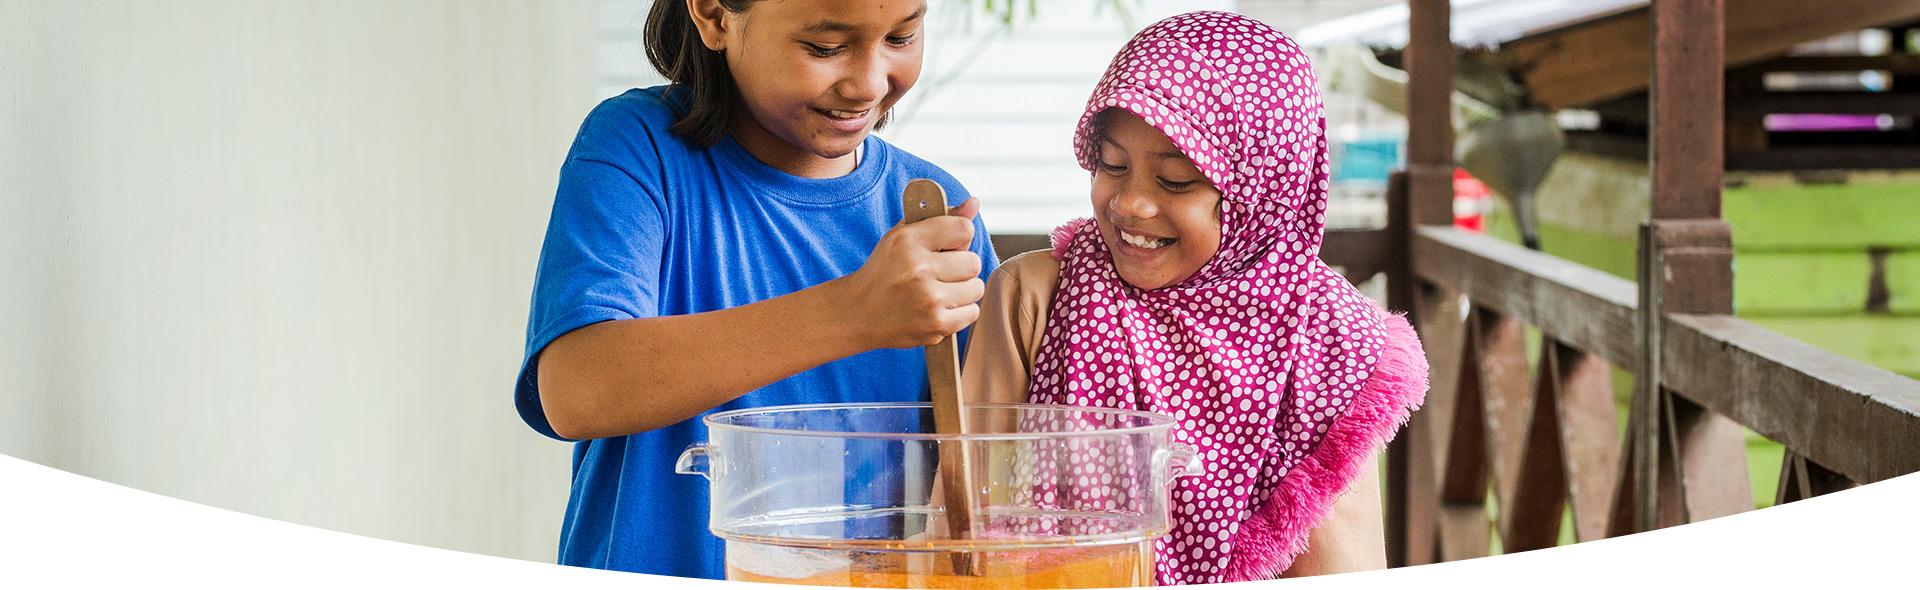 Las niñas comienzan a limpiar el proceso de agua